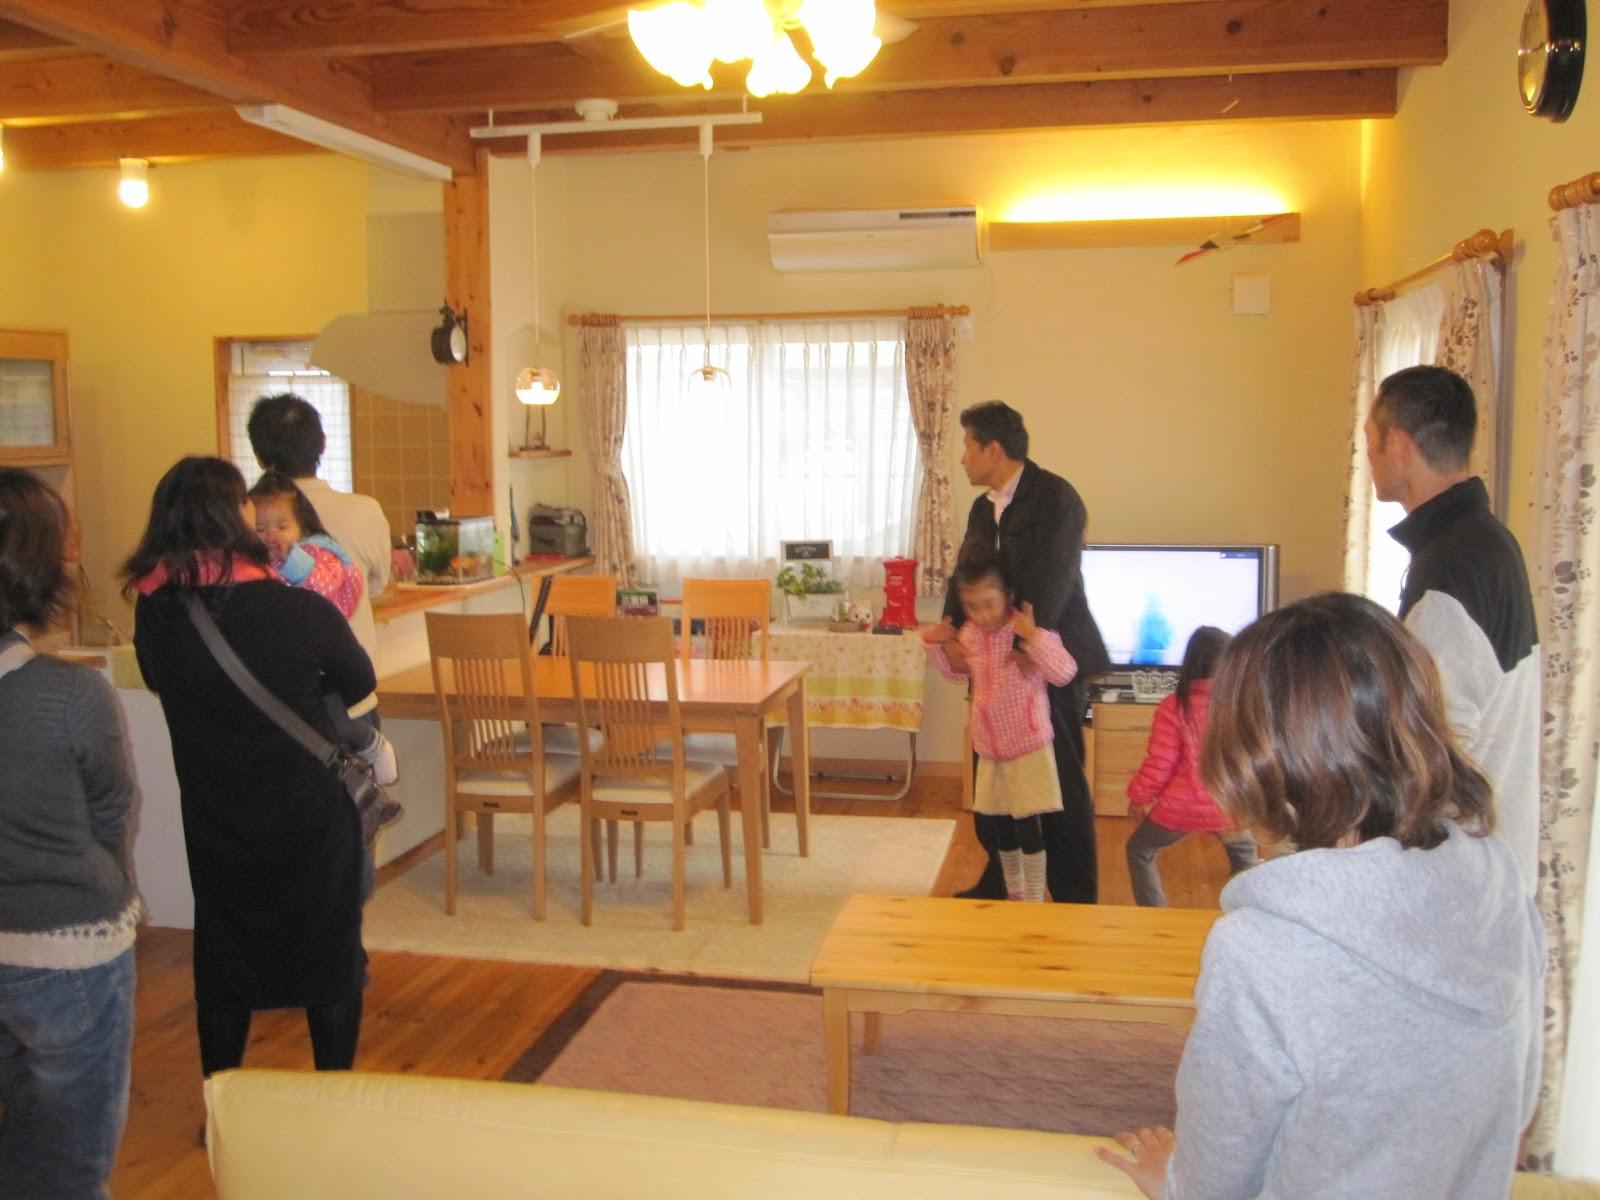 地熱活用・自然素材の家 みのや  新築間取りプラン30坪